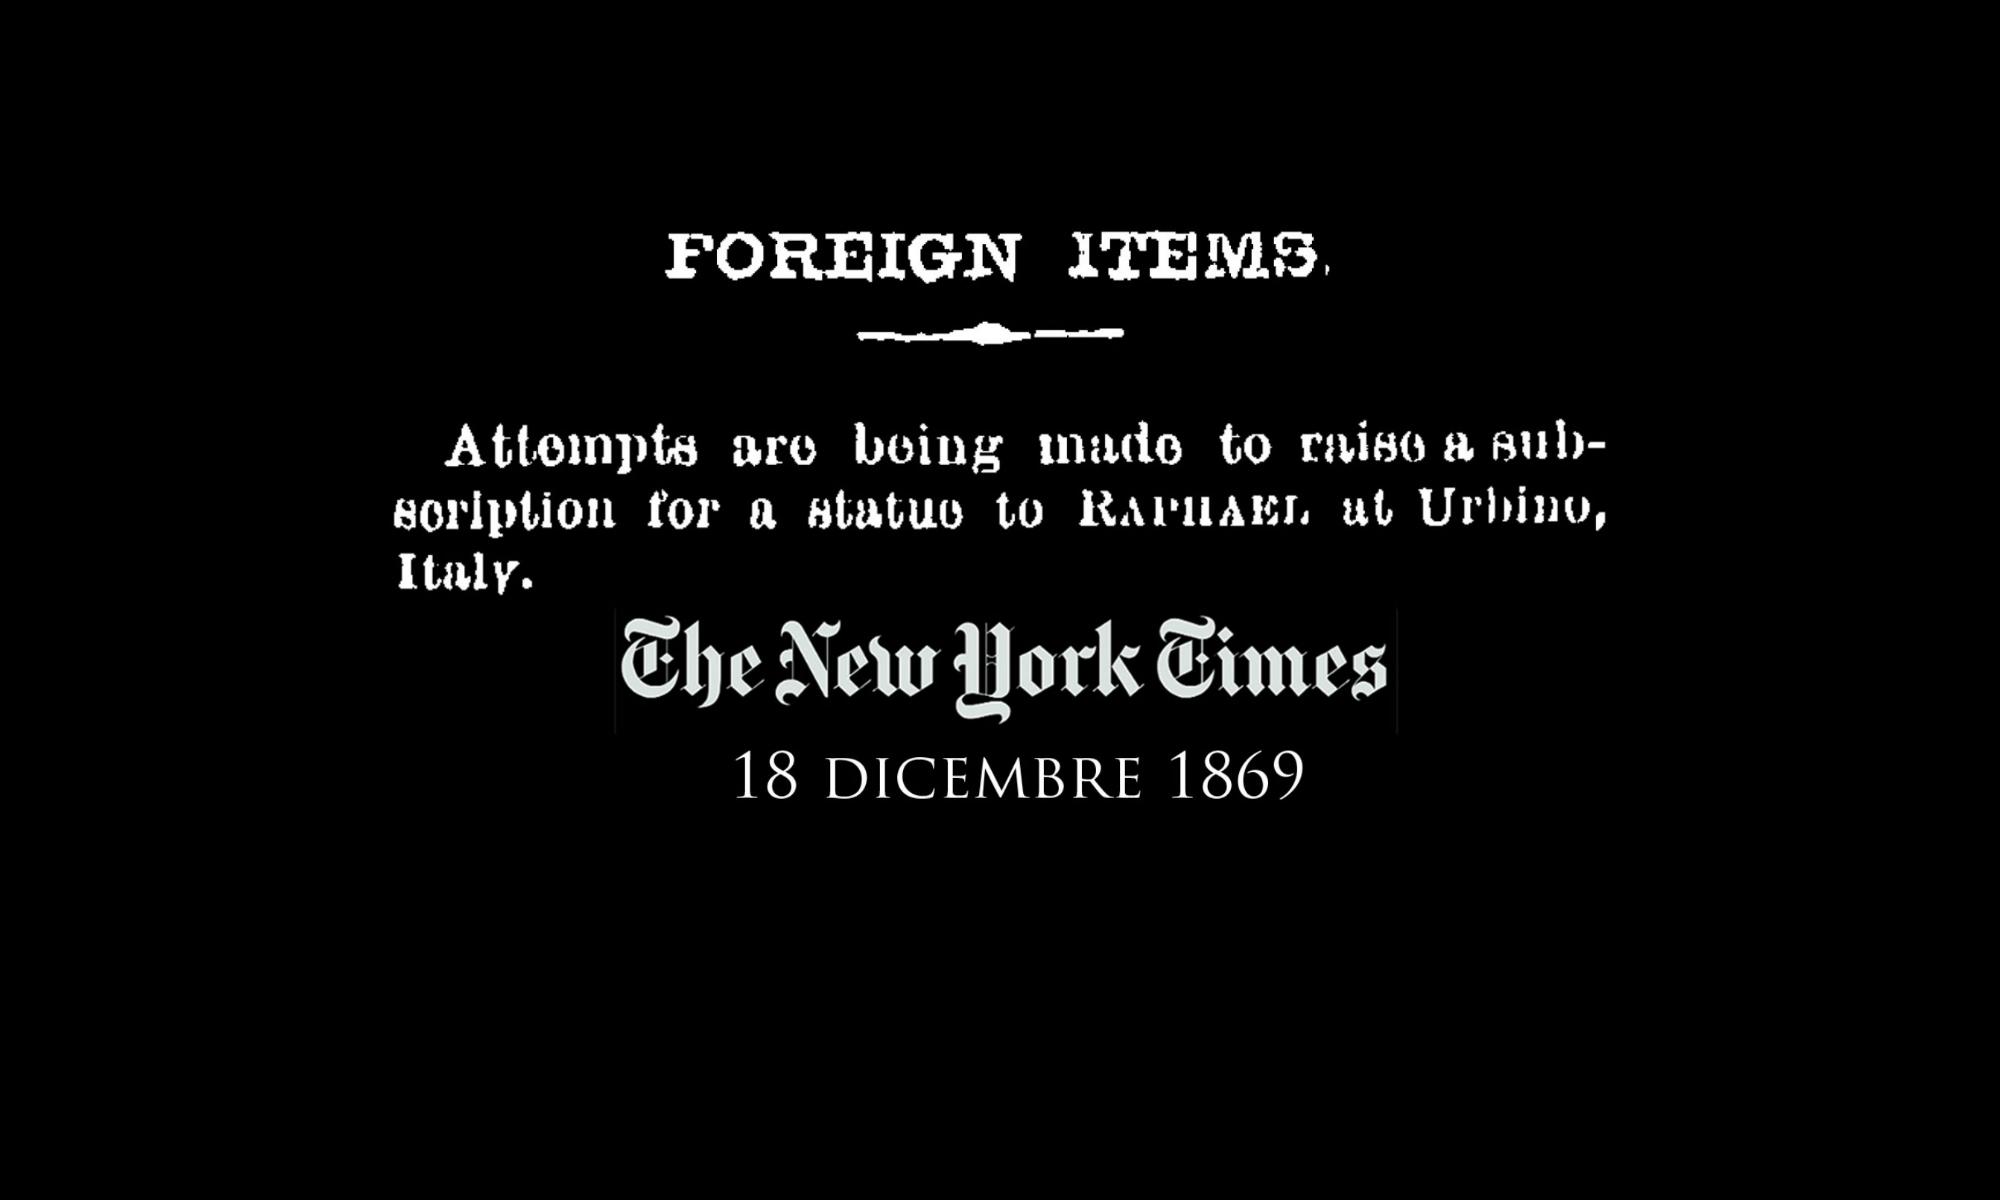 Quattordicesima puntata. Quando il New York Times annunciò la costruzione del monumento a Raffaello ad Urbino